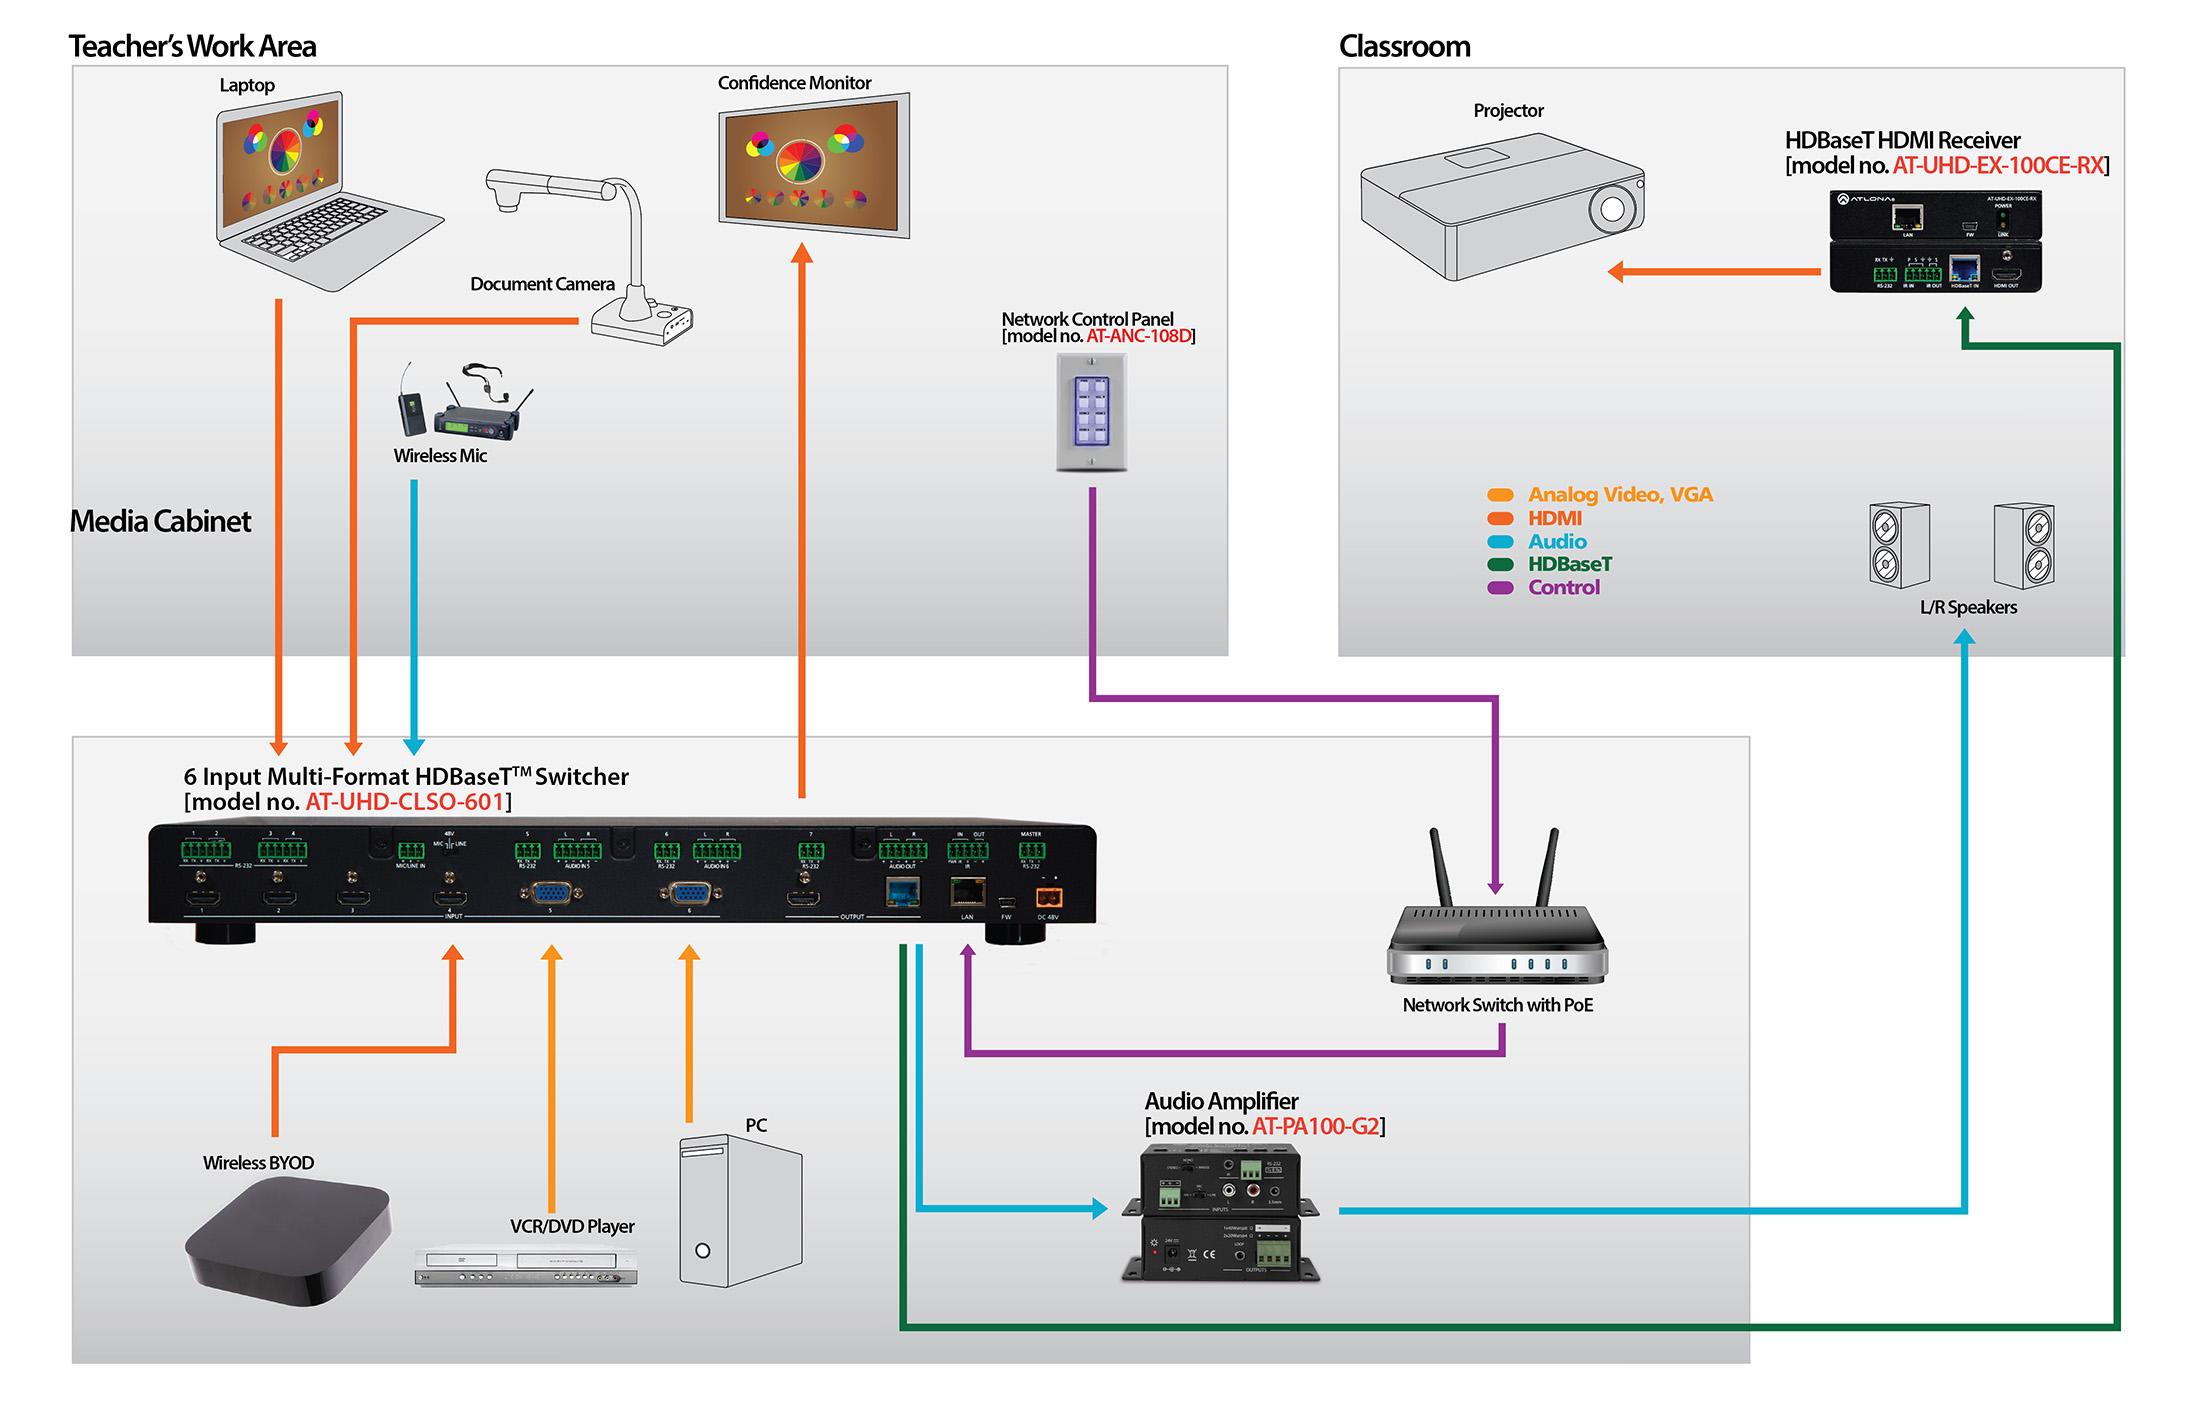 Basic Network Configuration Diagram Setup